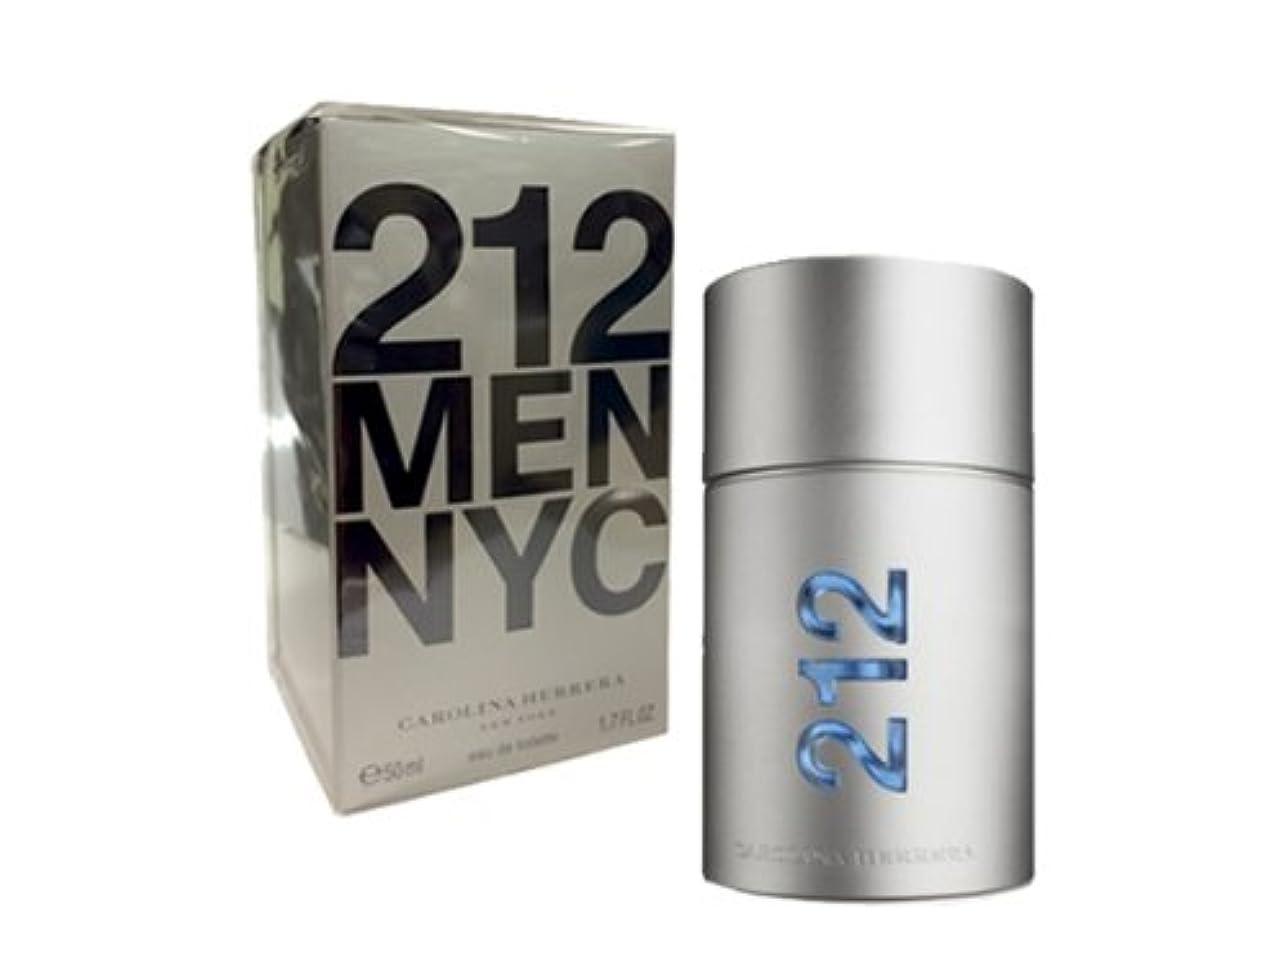 奴隷歌アイスクリームキャロライナヘレラ 212メン 50ml メンズ 香水 212MEDT50 CAROLINA HERRERA (並行輸入品)